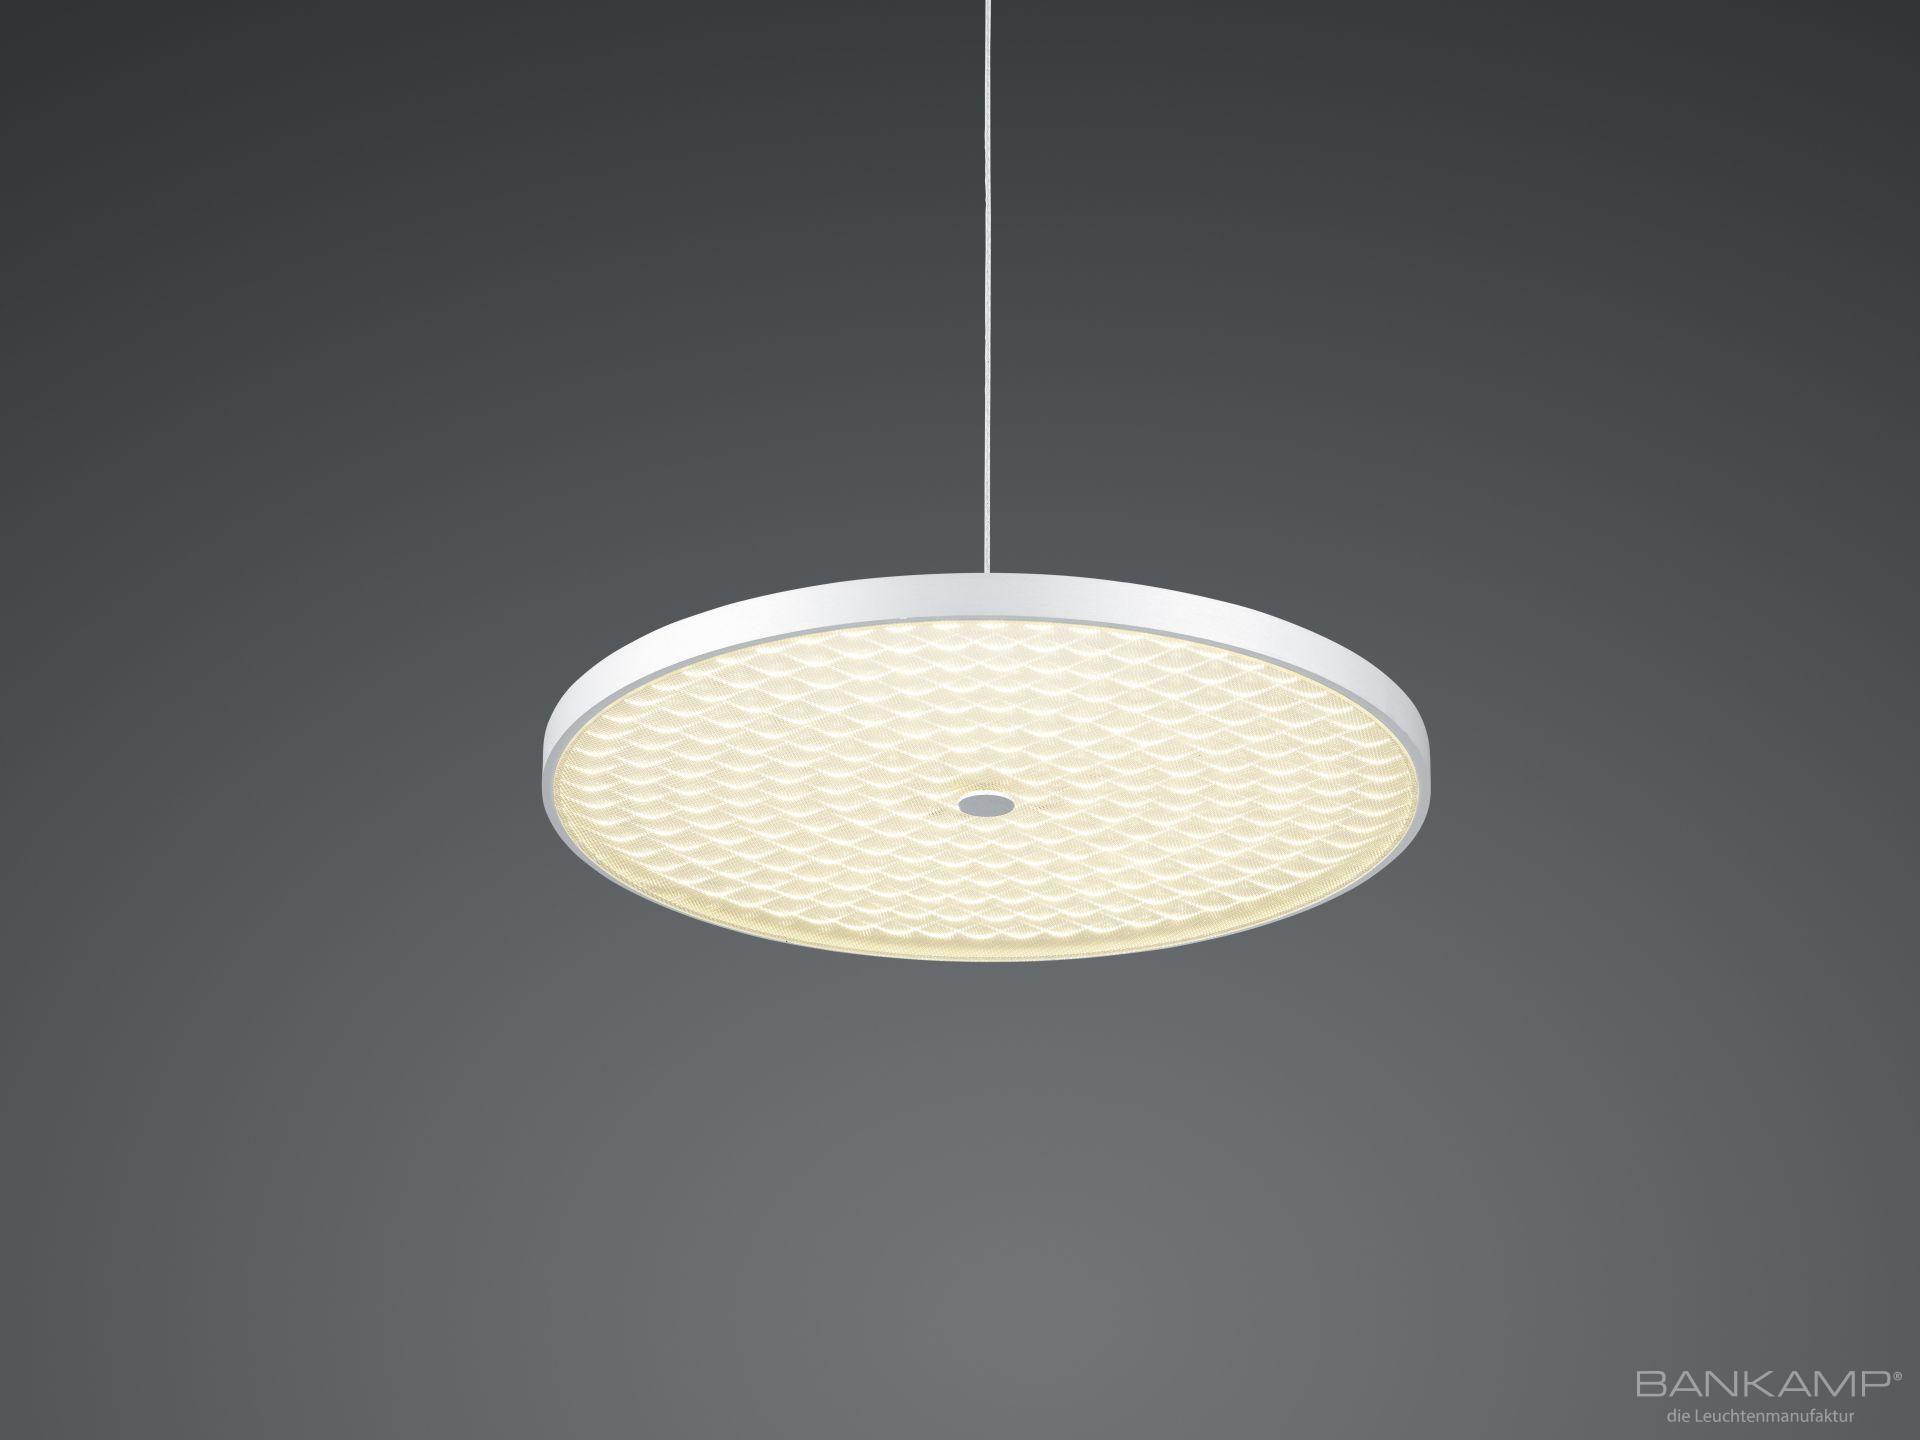 BANKAMP LeuchtenmanufakturLED-Pendelleuchte Solid2204/1-36